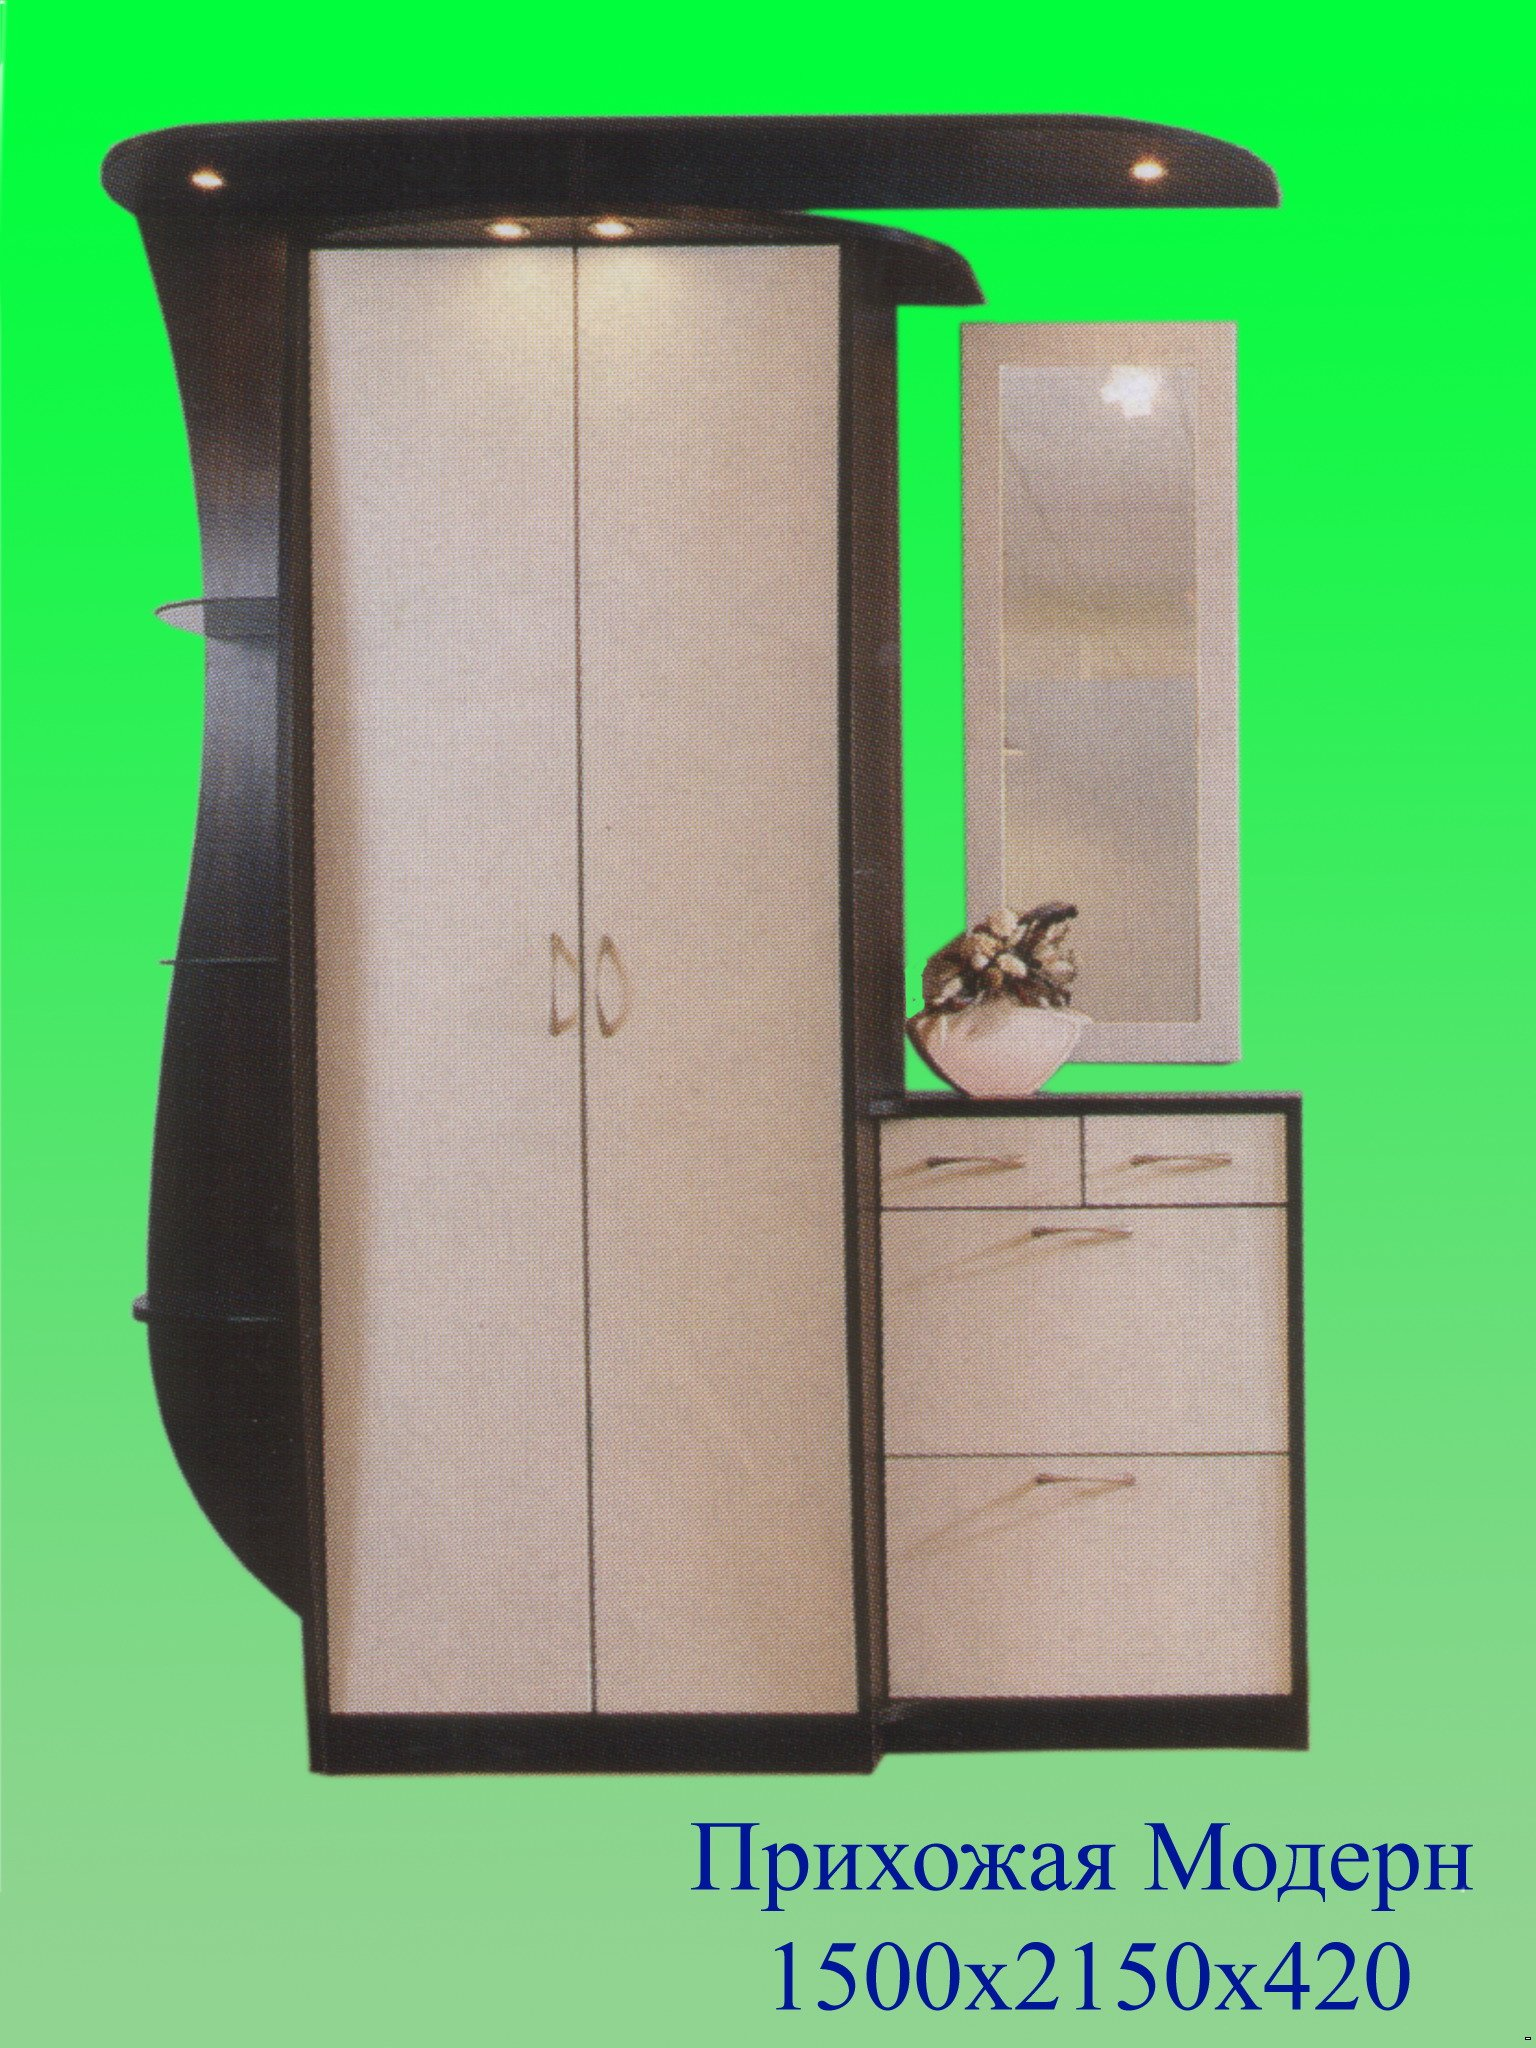 Прихожие (мебель для прихожей), большие и маленькие гардероб.